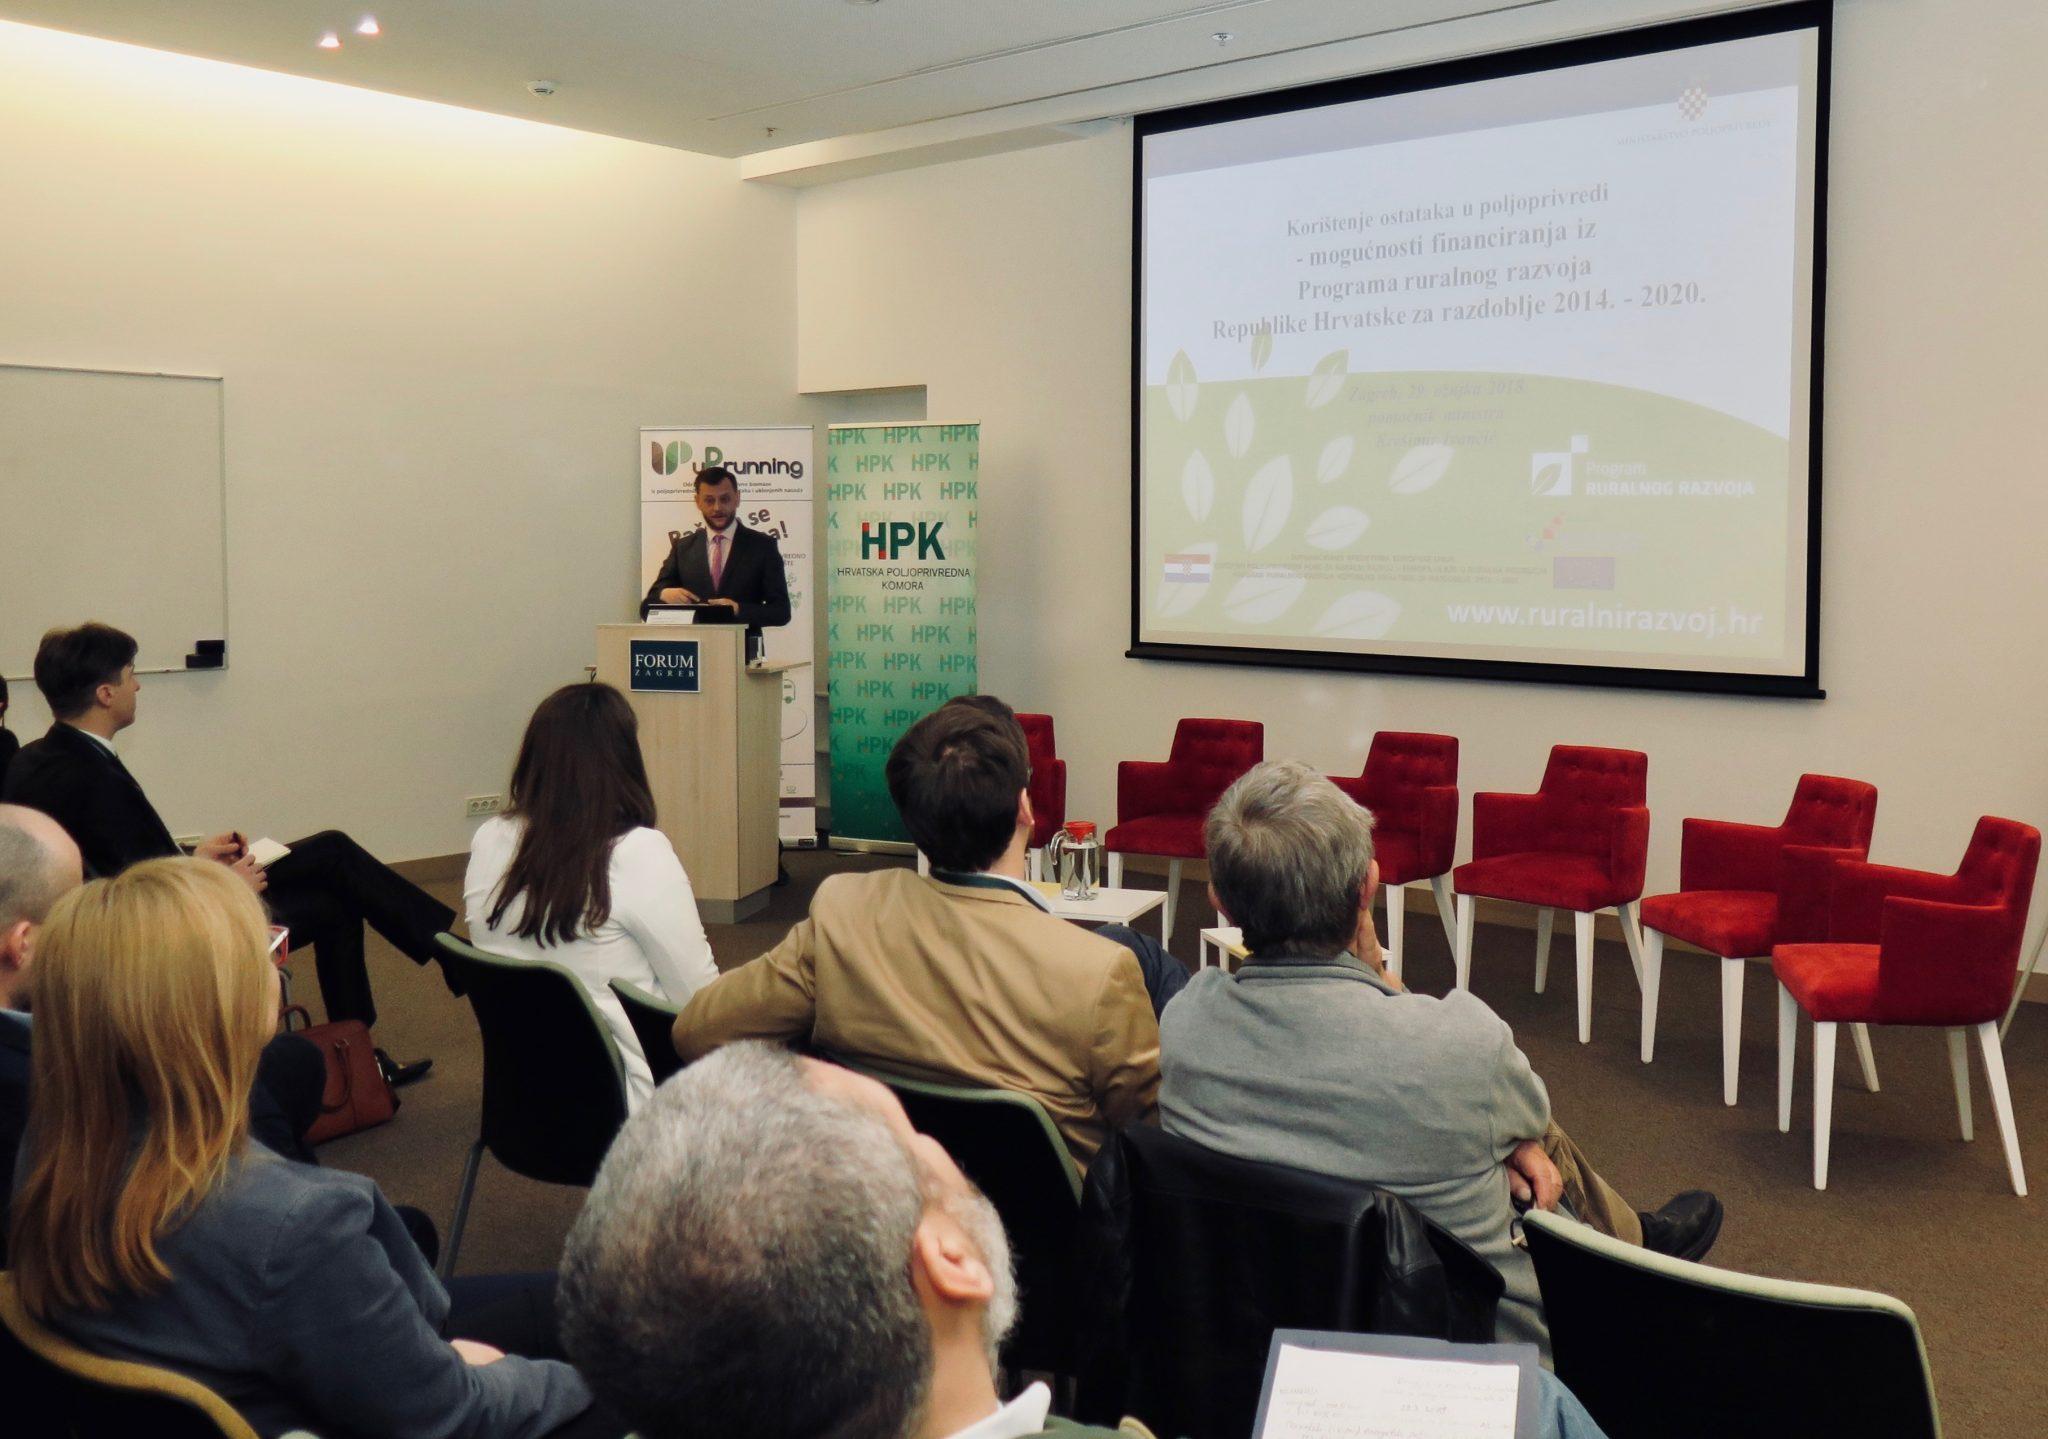 HPK okupila stručnjake s ciljem većeg korištenja rezidbenih ostatak u poljoprivredi